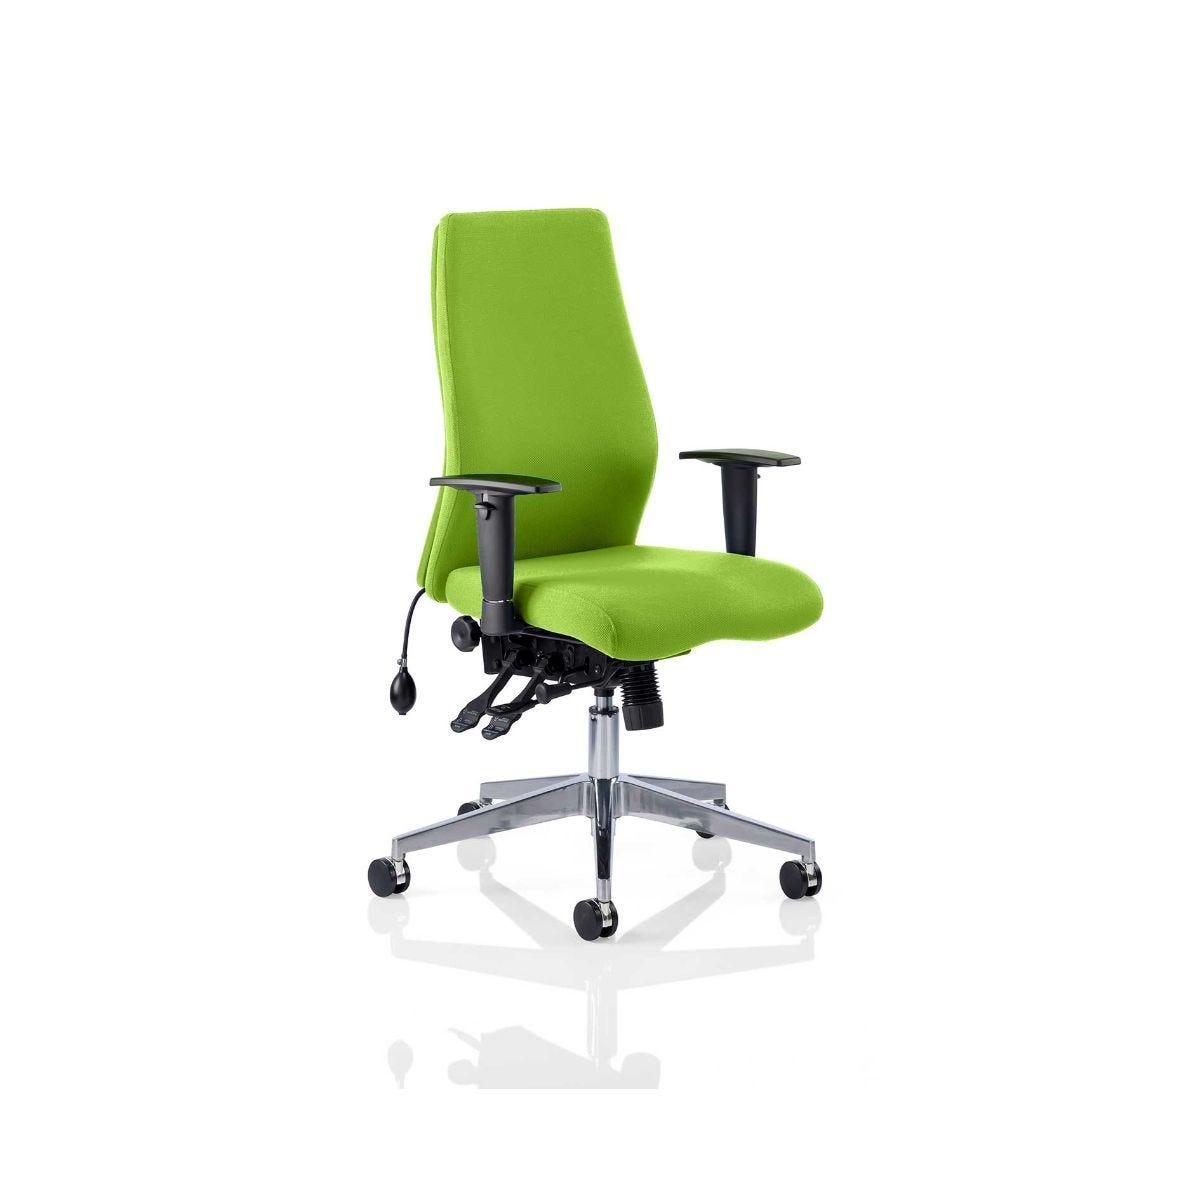 Onyx Bespoke Office Chair, Swizzle